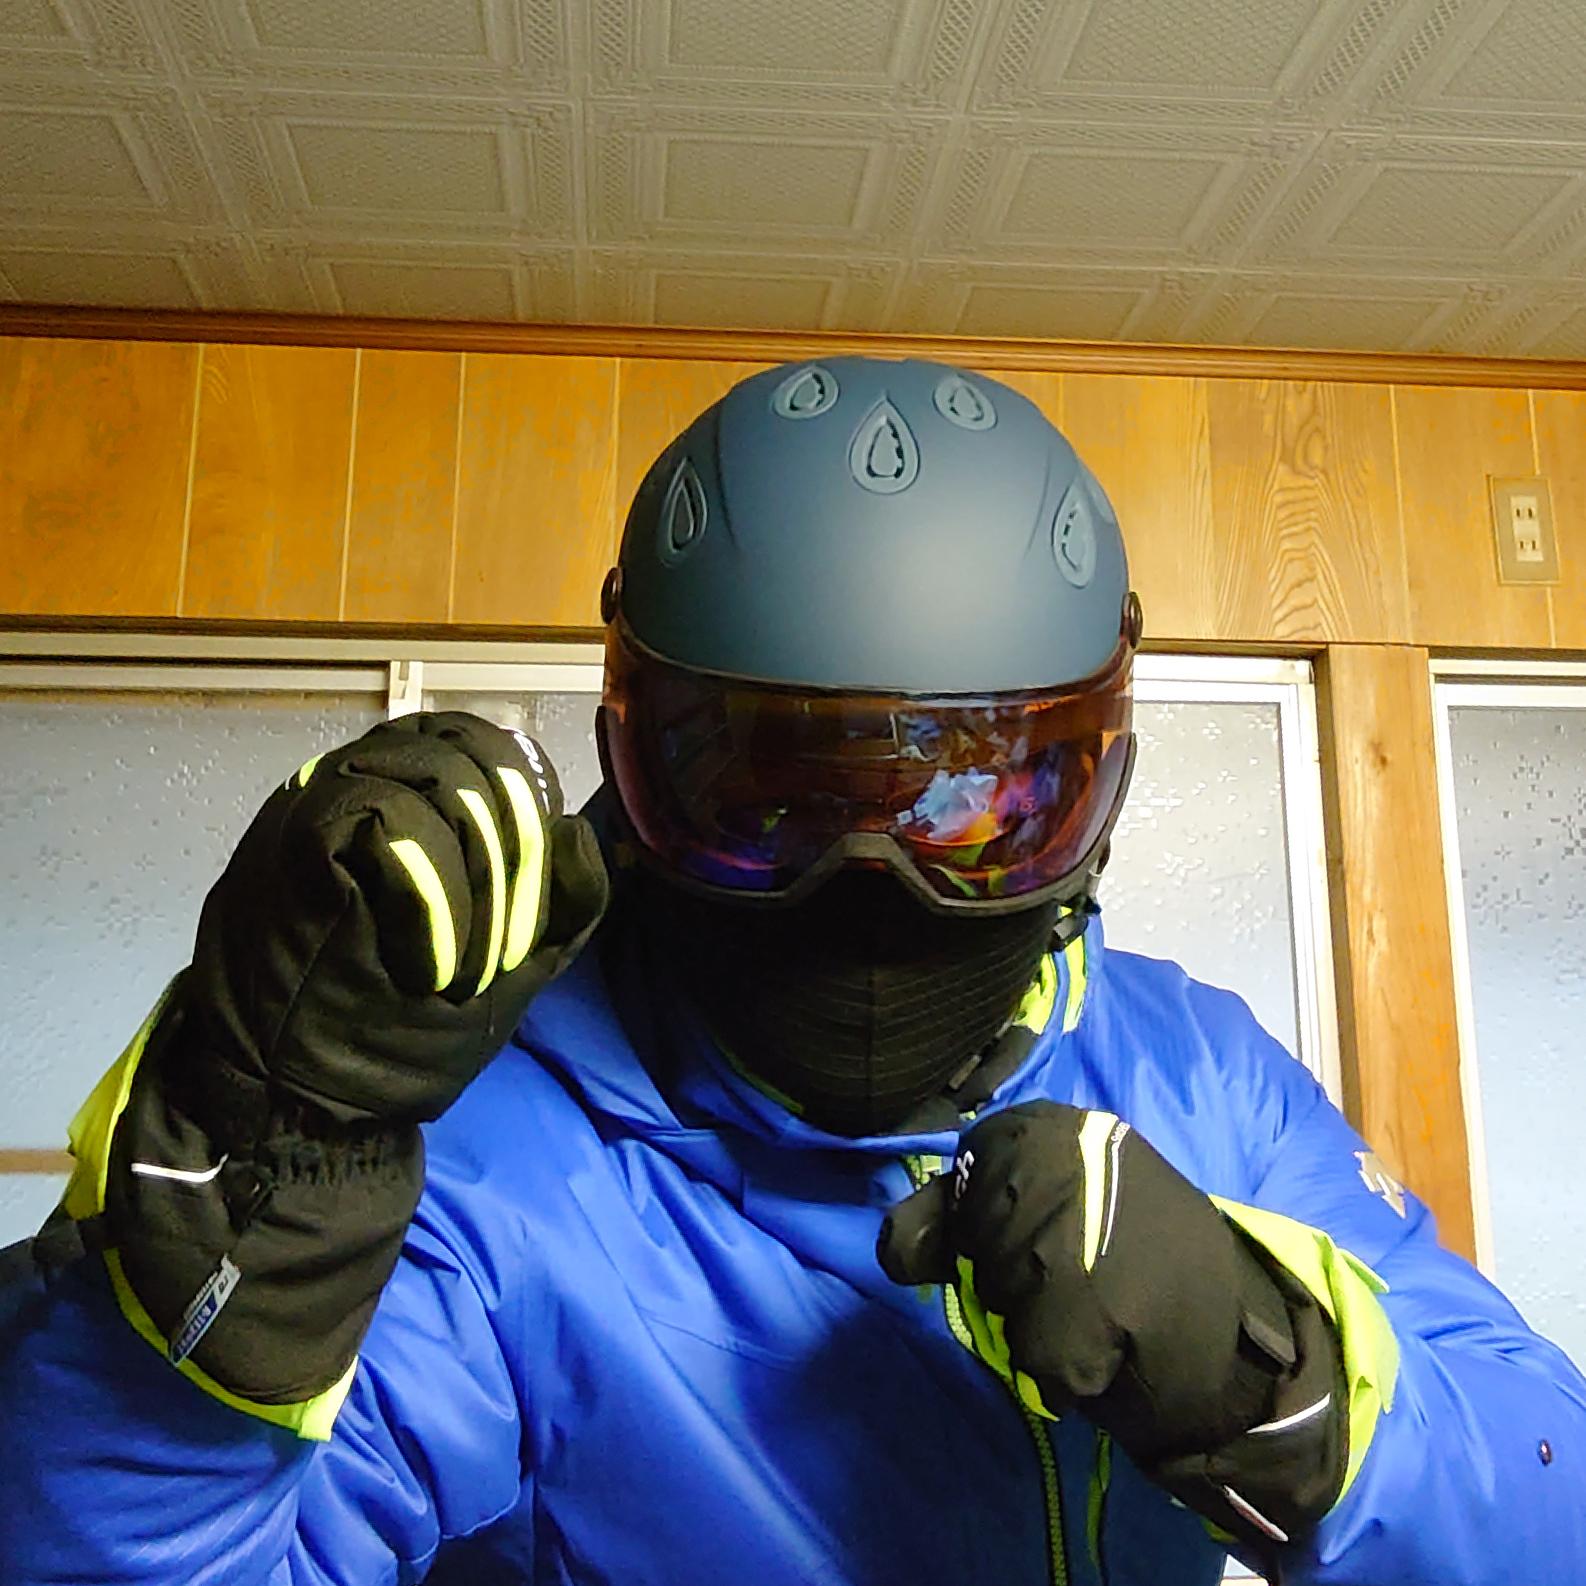 【愛媛のスキー場まとめ】ウインターシーズン到来! 愛媛のゲレンデで遊び尽くそう!